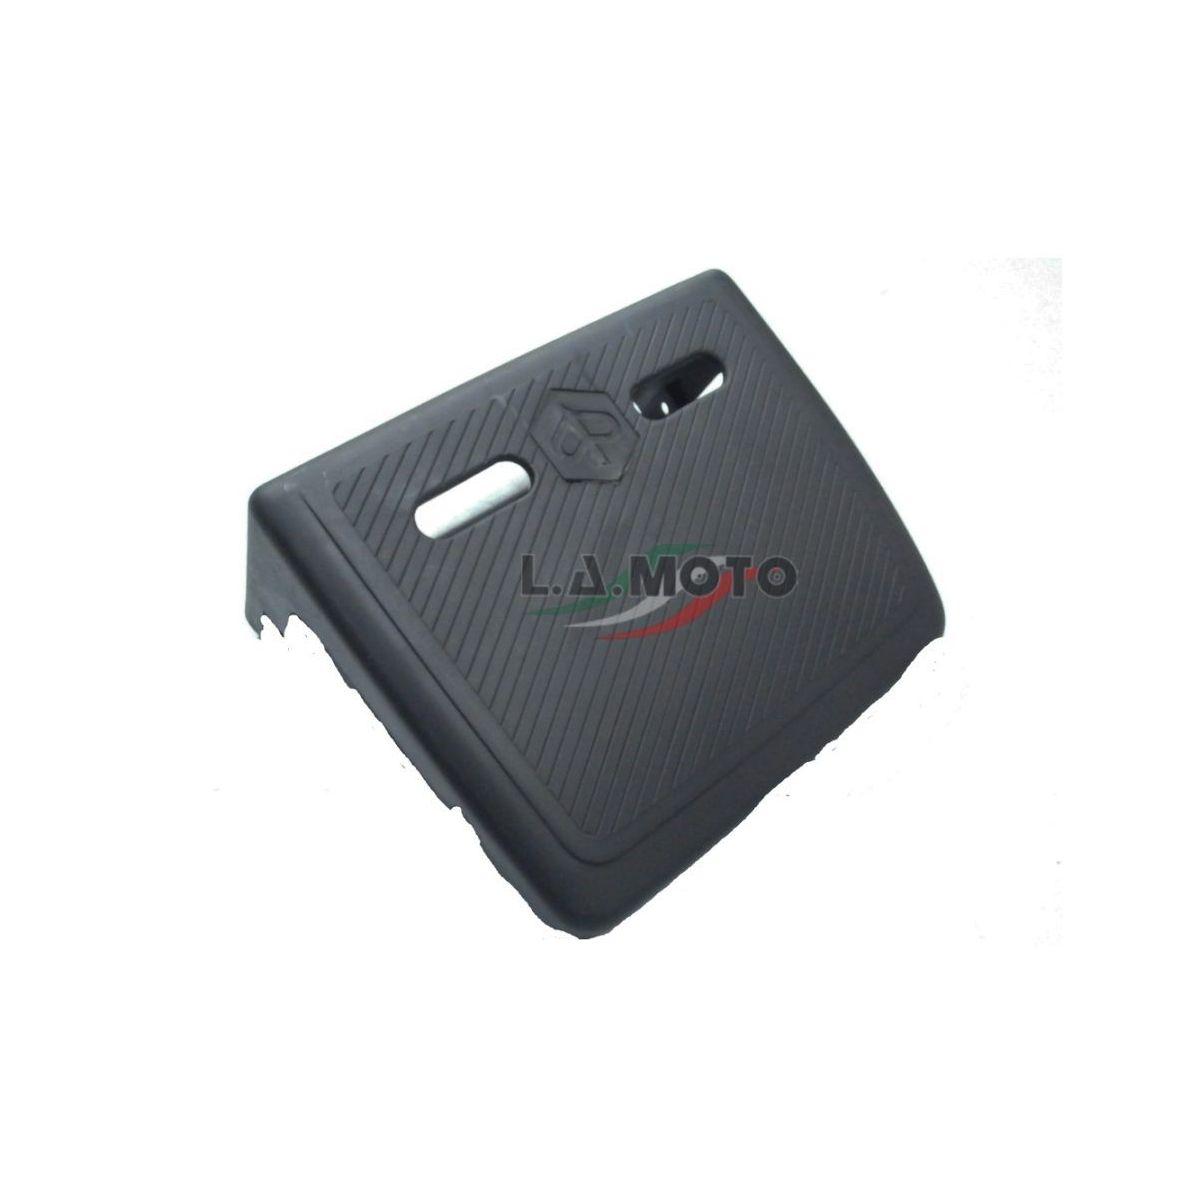 Coperchio batteria piaggio porter 262836